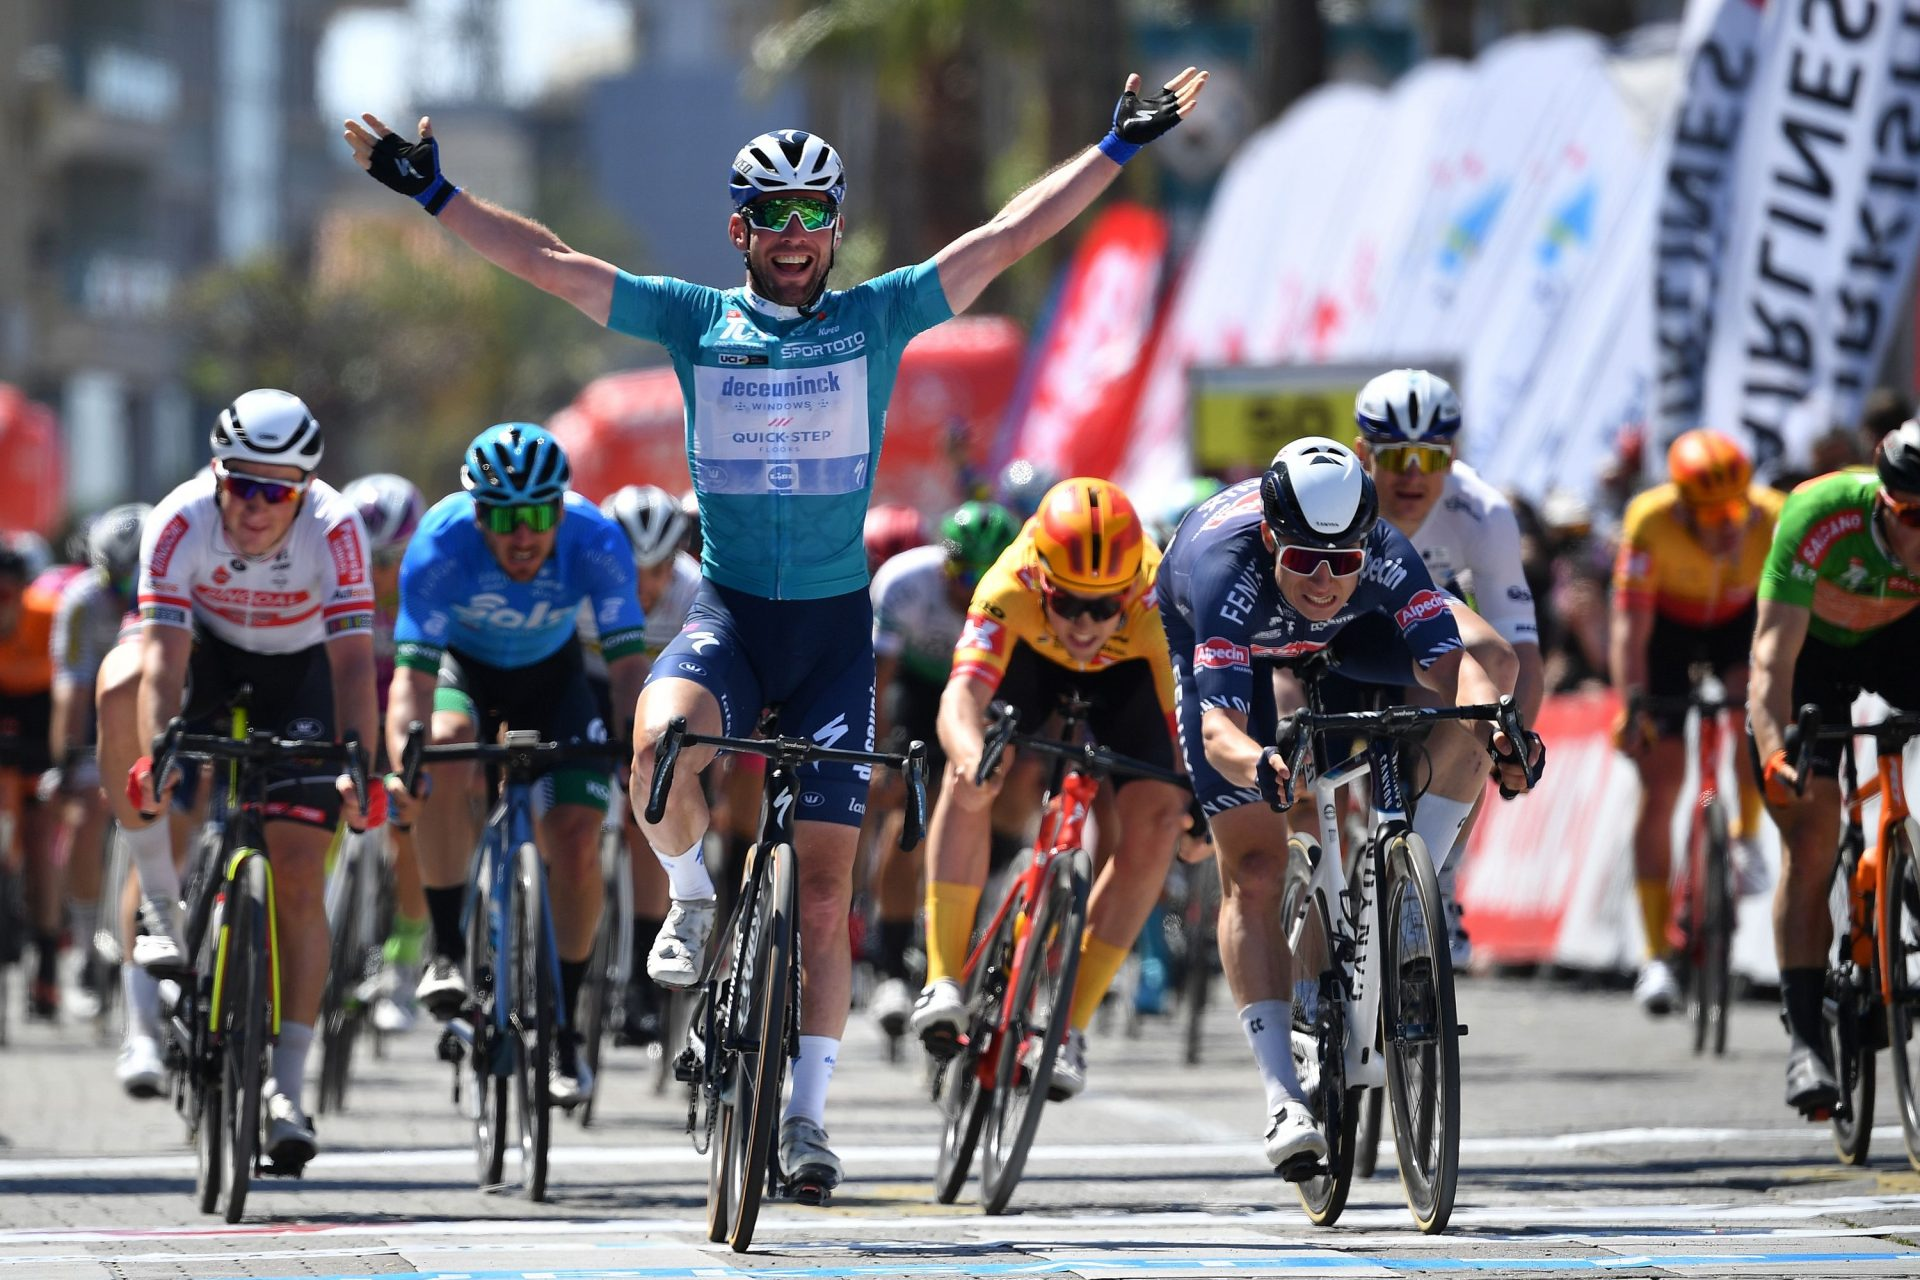 Mark Cavendish slavi etapové prvenství při závodě Kolem Turecka. Foto: Stuart Franklin/Getty Images/Deceuninck QUick Step